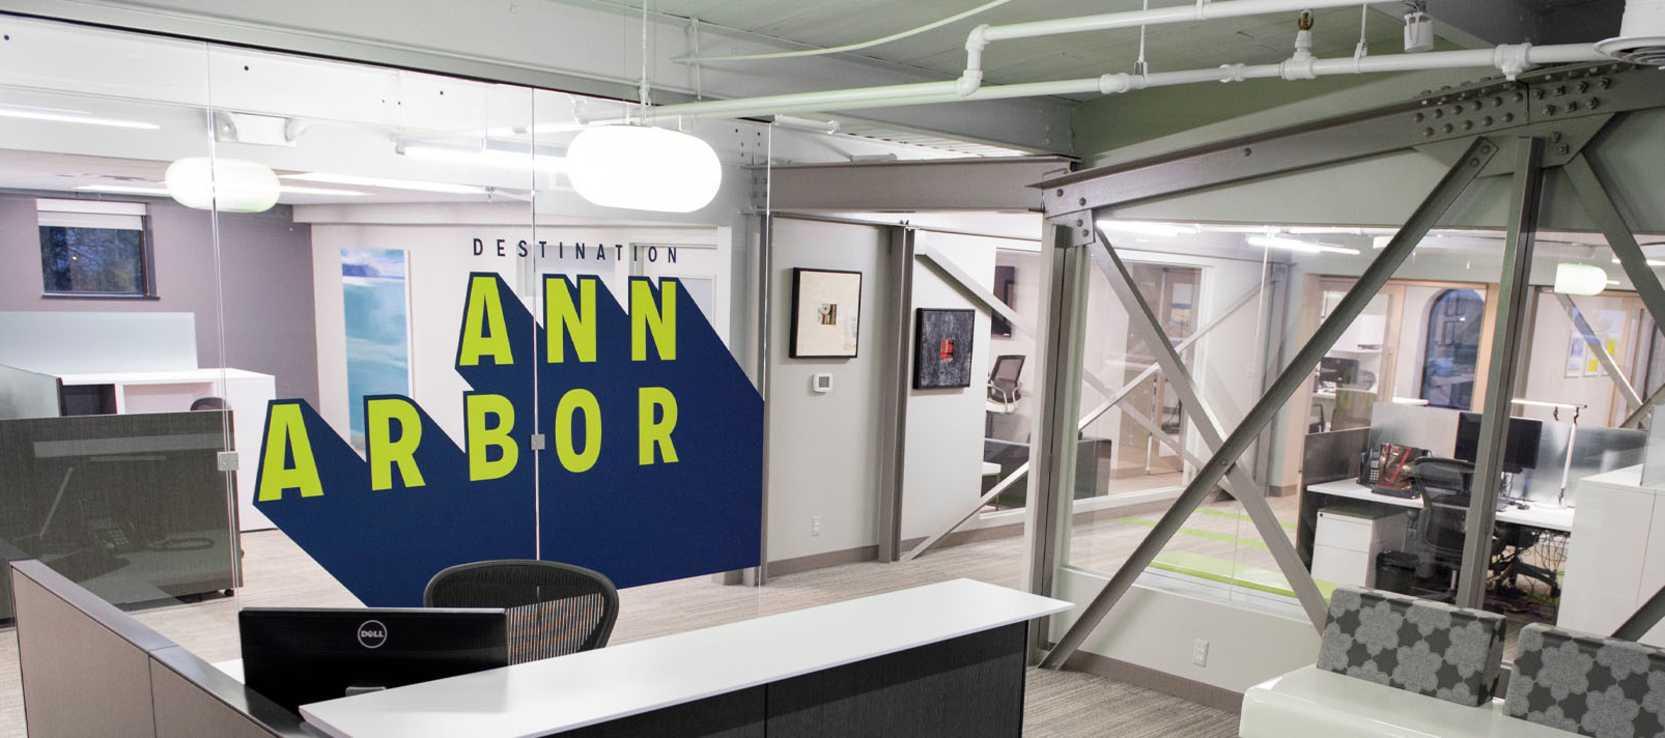 Destination Ann Arbor Employment